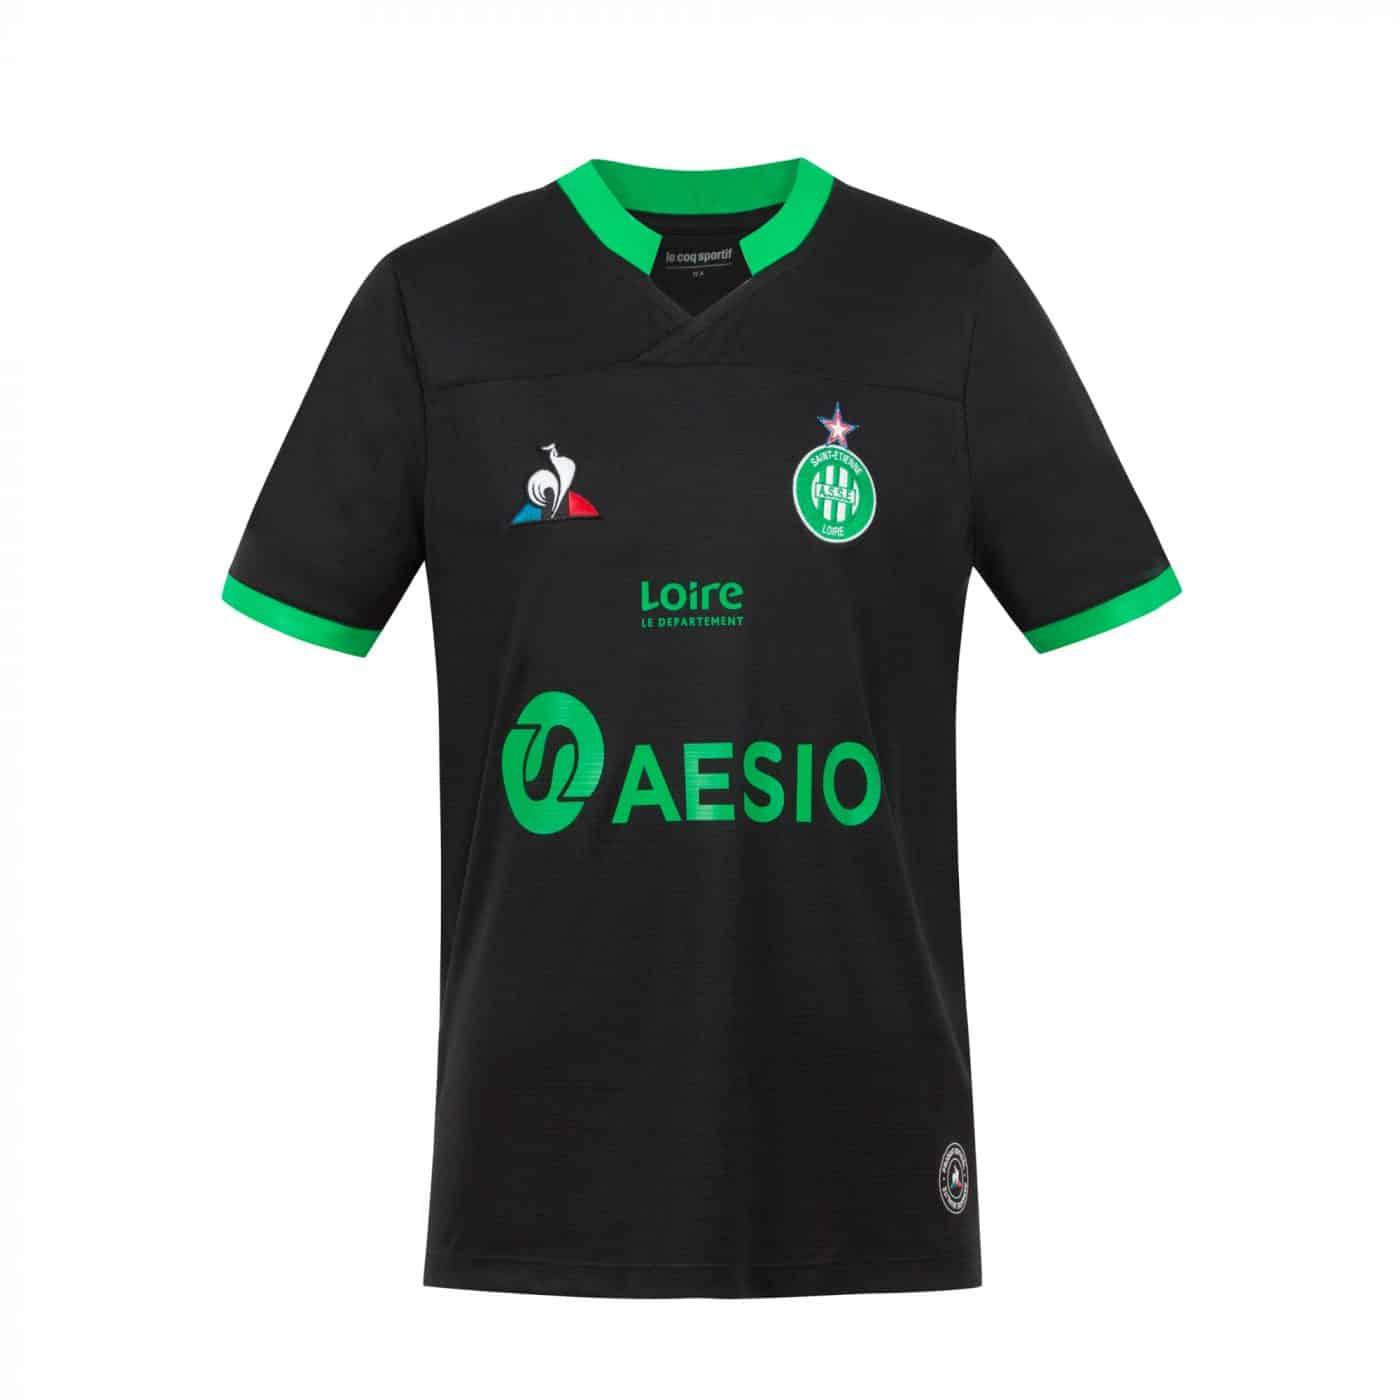 maillot-third-as-saint-etienne-2020-2021-le-coq-sportif